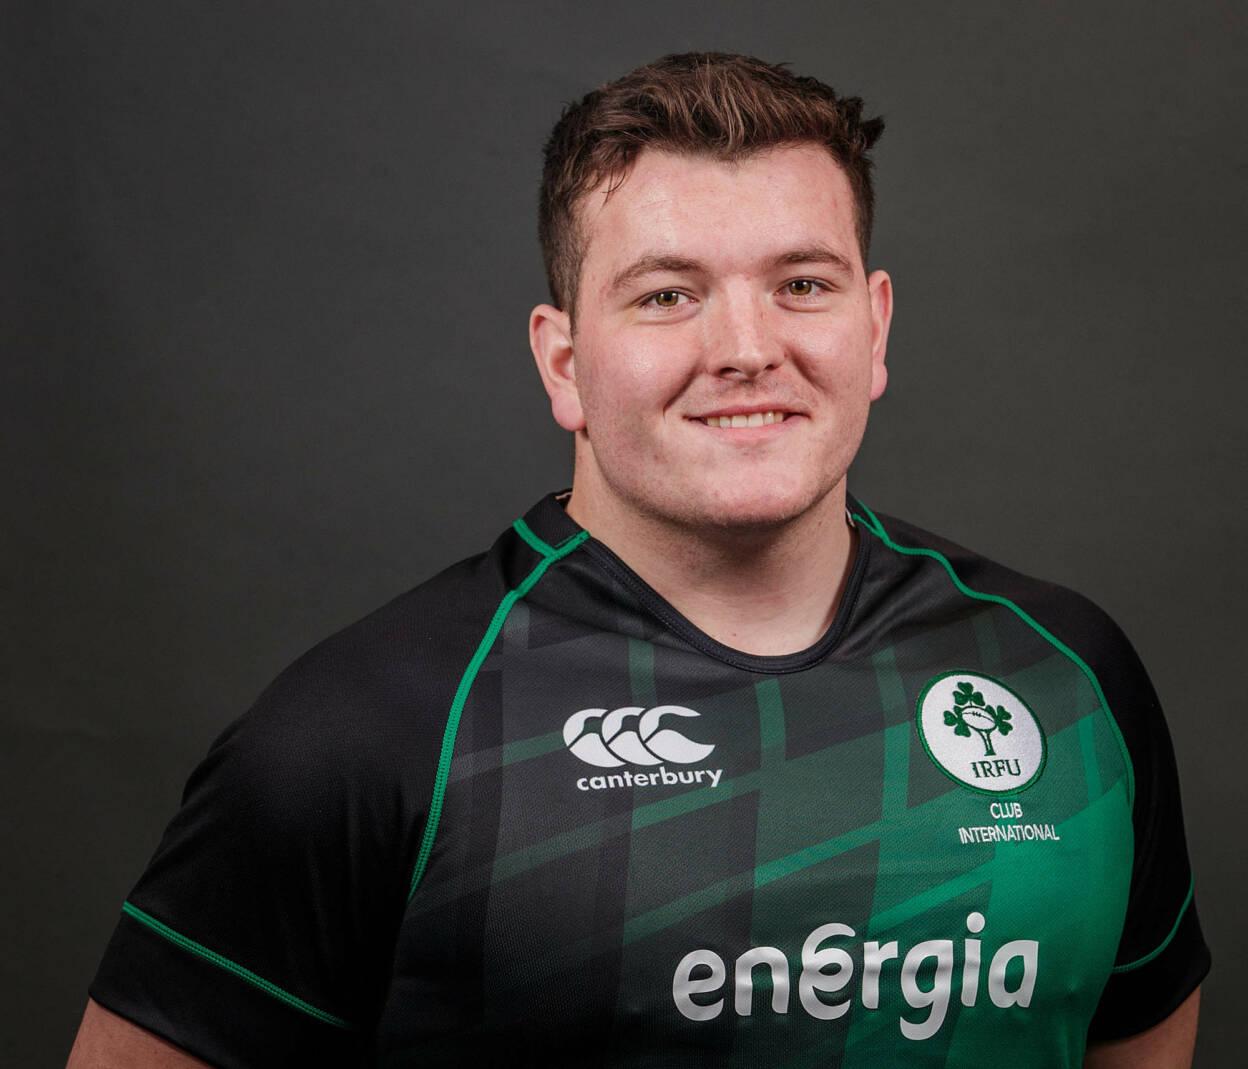 Ireland Club XV Jersey One To Cherish For Corrie Barrett